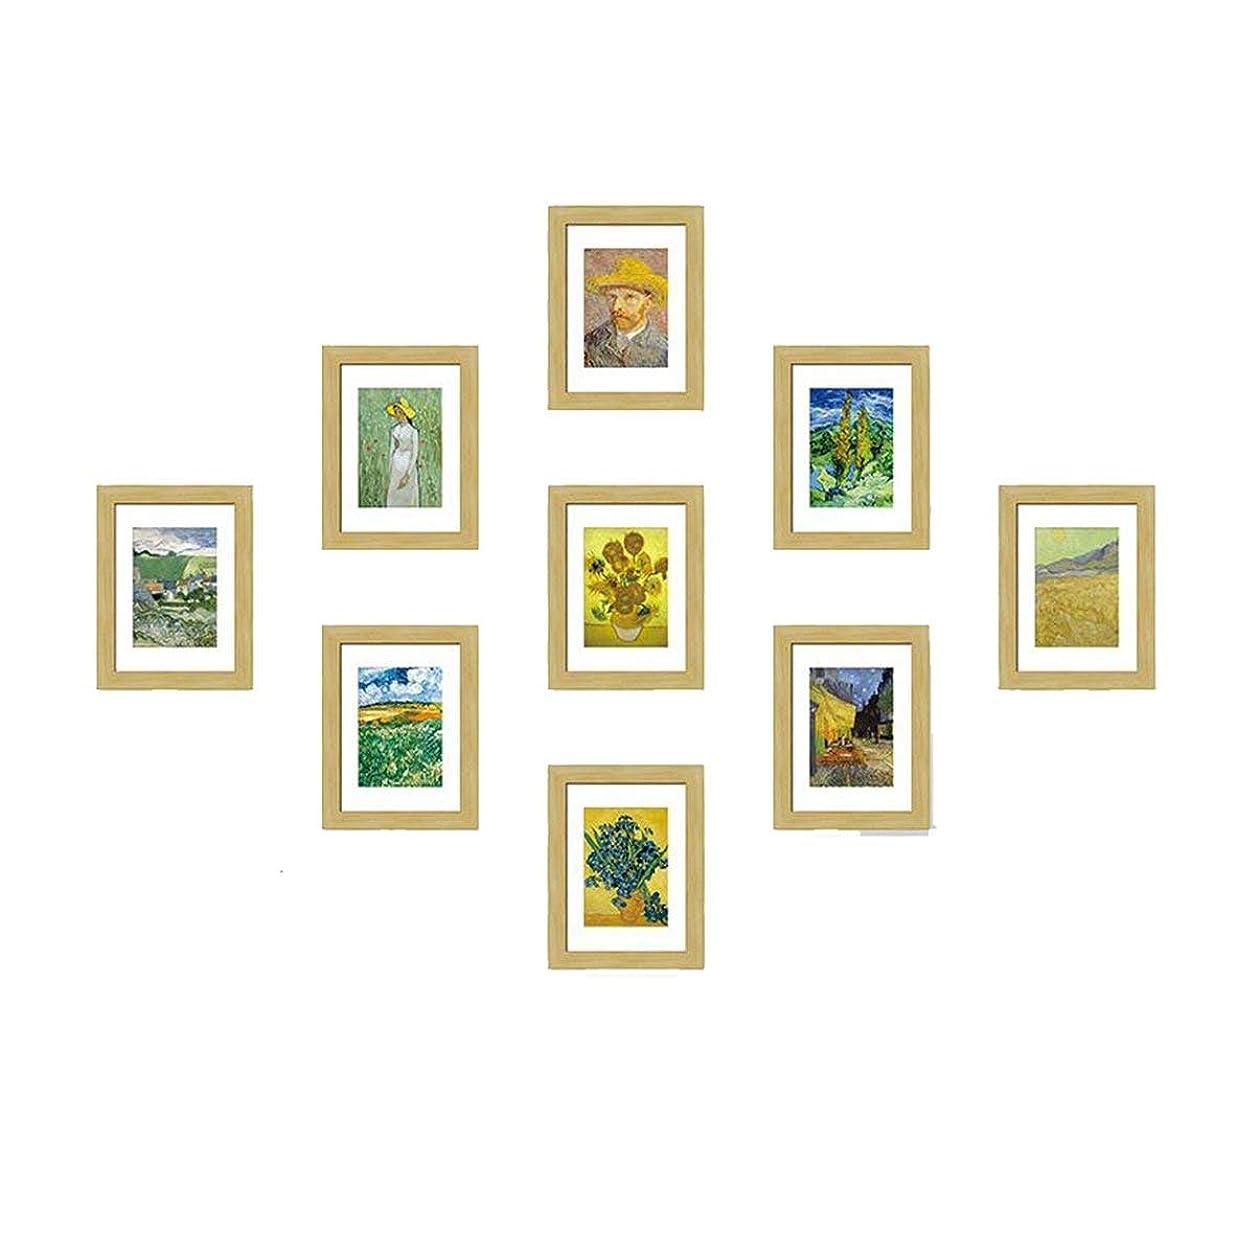 ペデスタル準備ができて分数フォトフレーム おしゃれ 北欧の装飾画9 7インチ10インチフォトフレームの組み合わせの写真壁9つの正方形